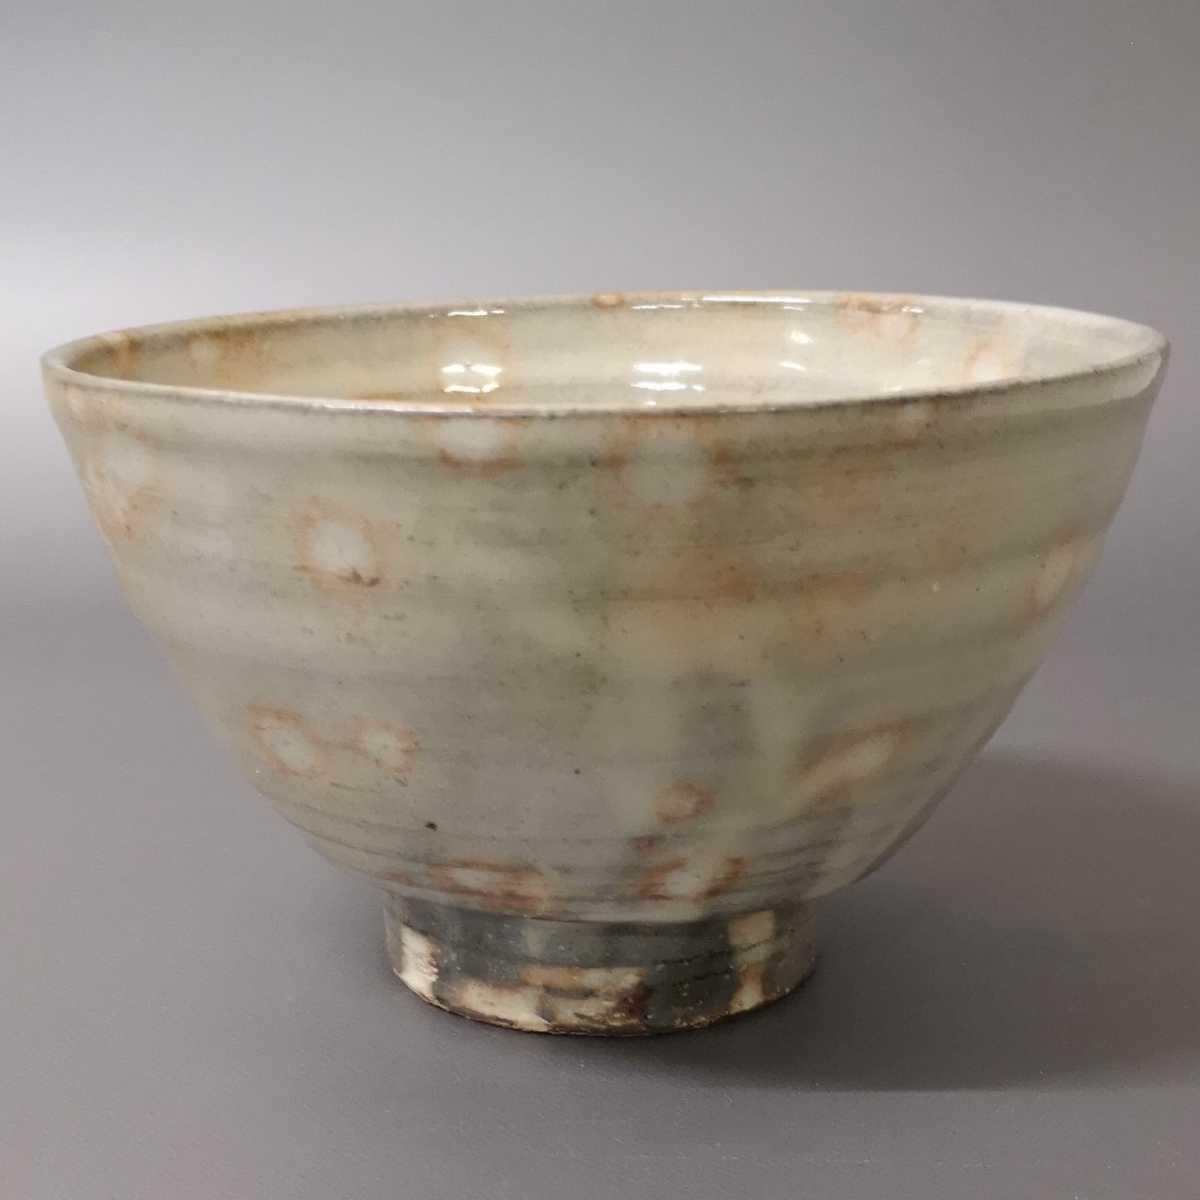 想28)萩焼 山根清玩 御飯茶碗 飯碗 未使用新品 同梱歓迎_画像2